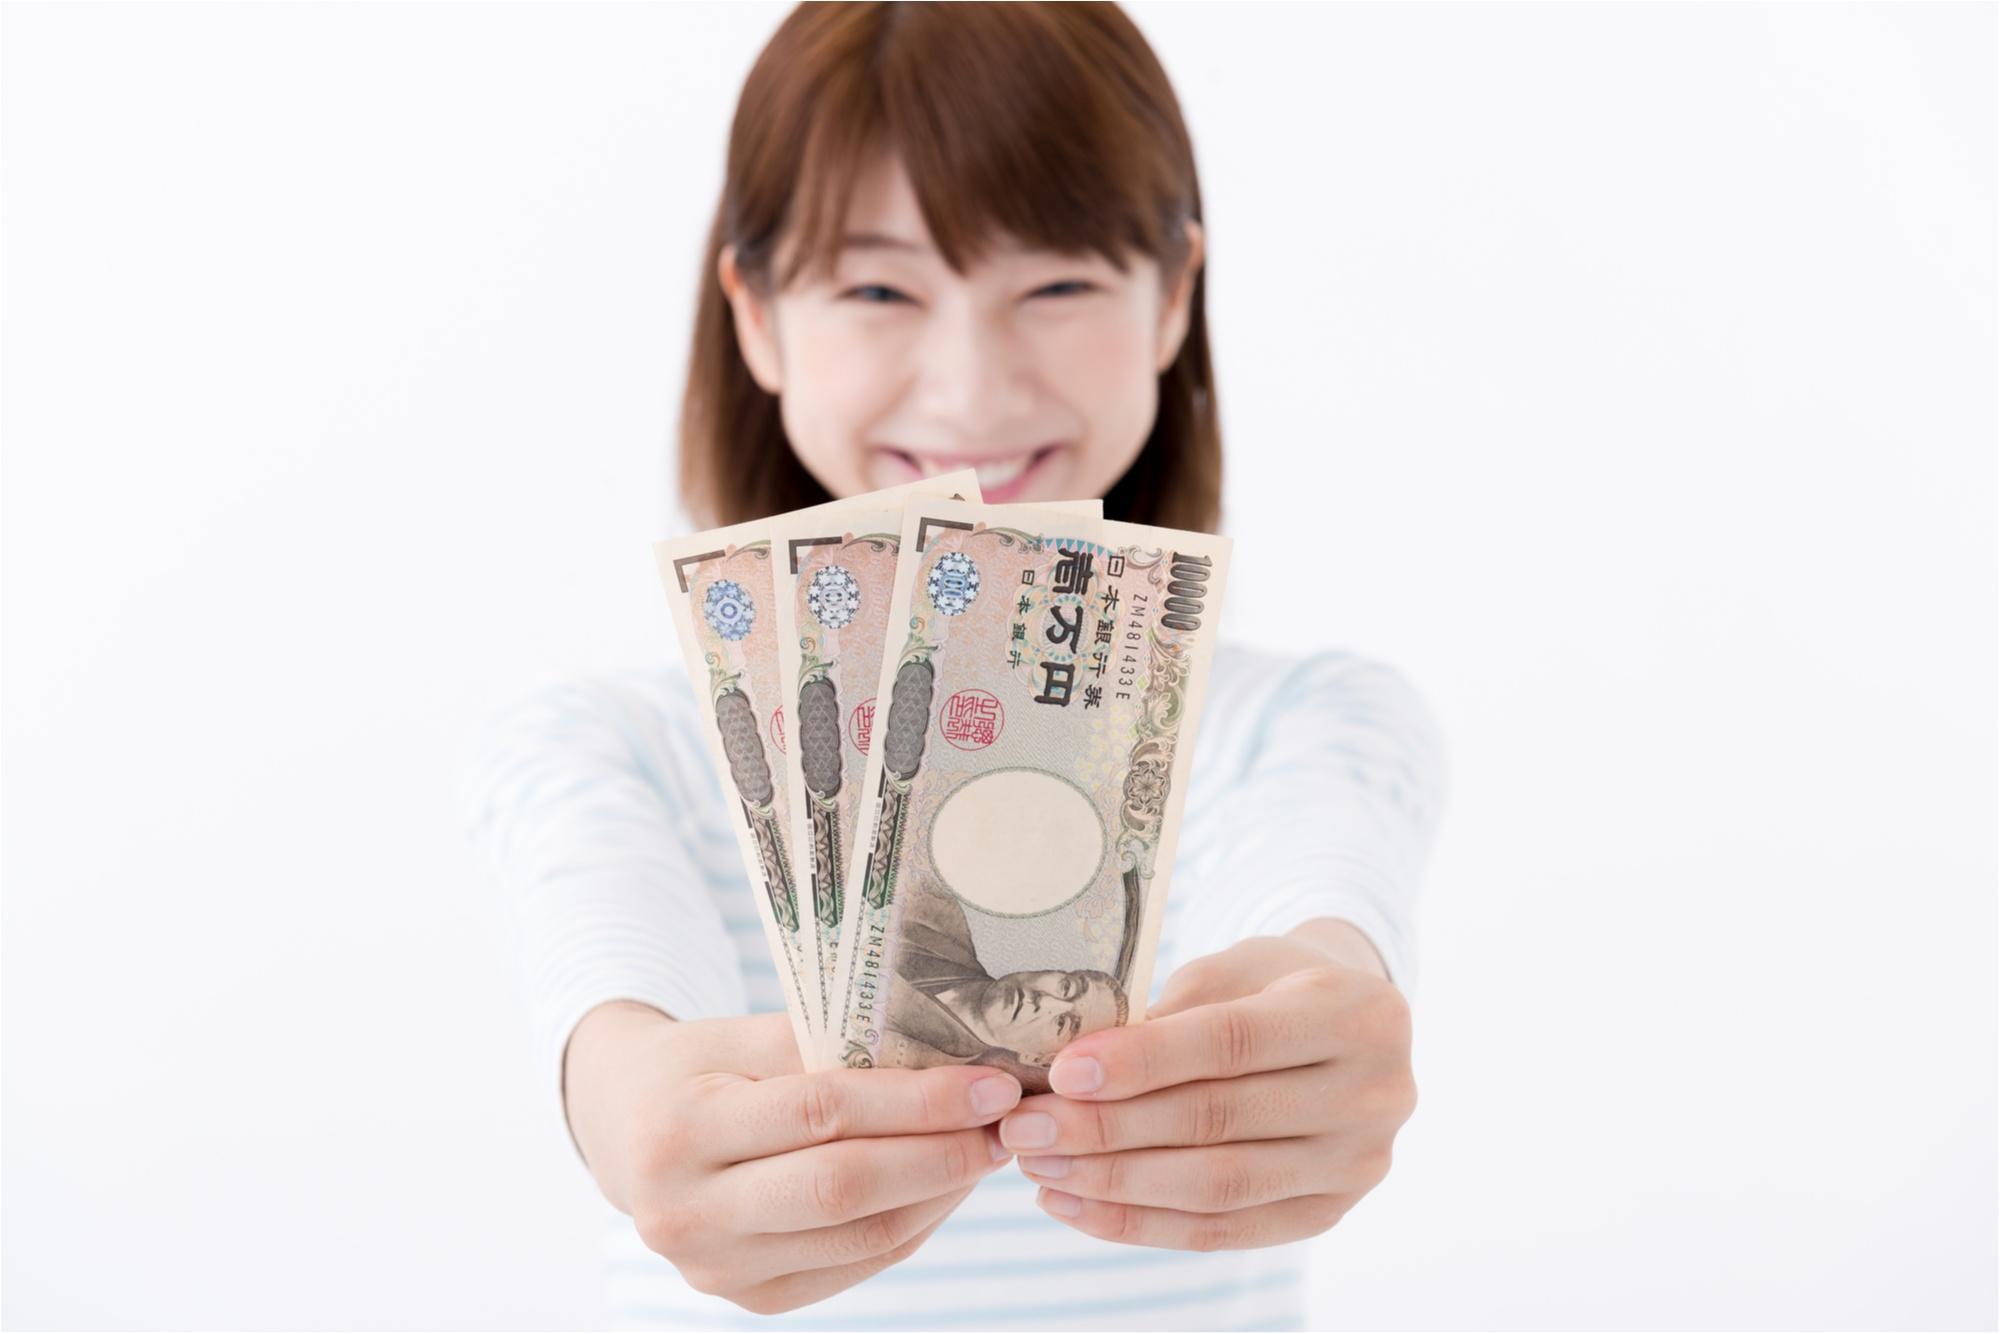 2017年こそ貯めたい! 手取り20万円の私が1年間で貯めるべき貯蓄額とは?_2